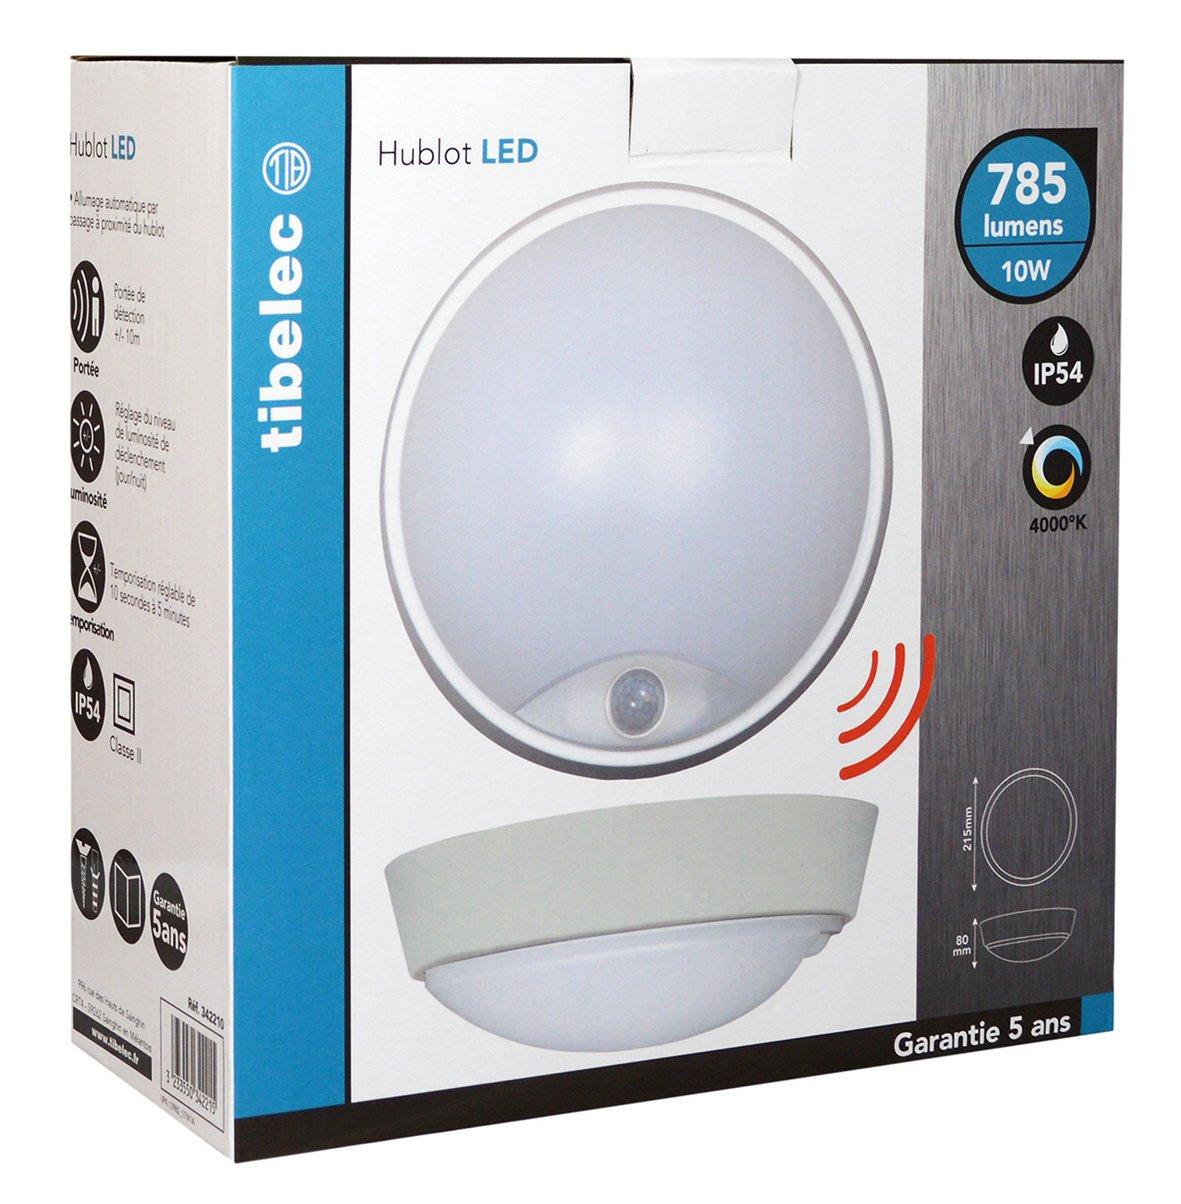 Tibelec 342210 - ojo de buey LED redondo con detector de movimiento, plástico, 10 W, blanco, 80 x diámetro 215 mm: Amazon.es: Iluminación